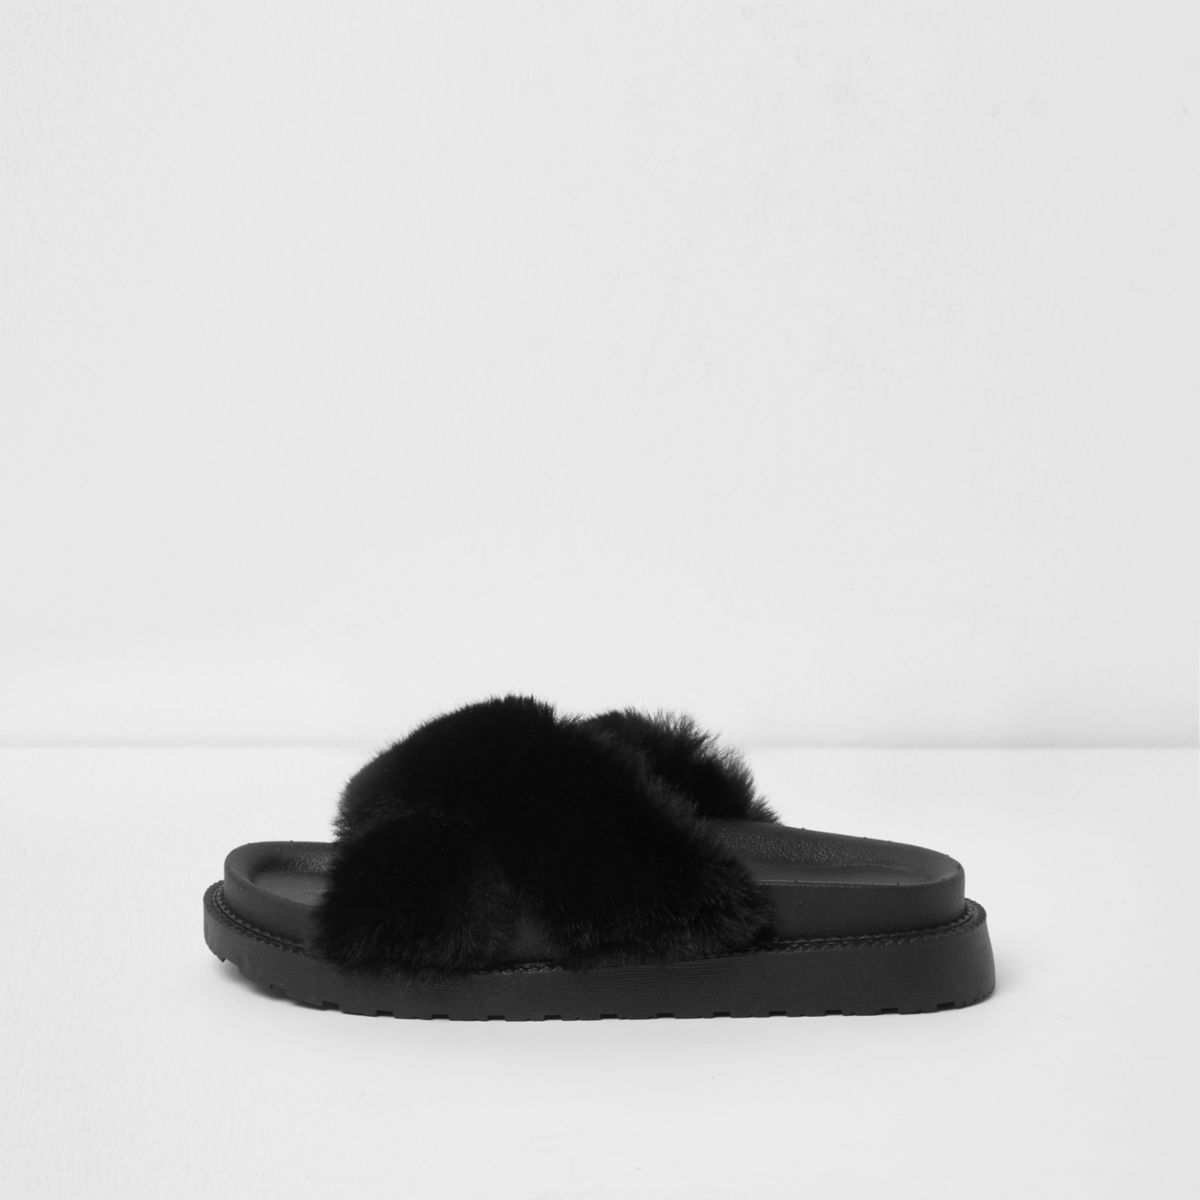 Zwarte slippers met gekruiste bandjes en imitatiebont